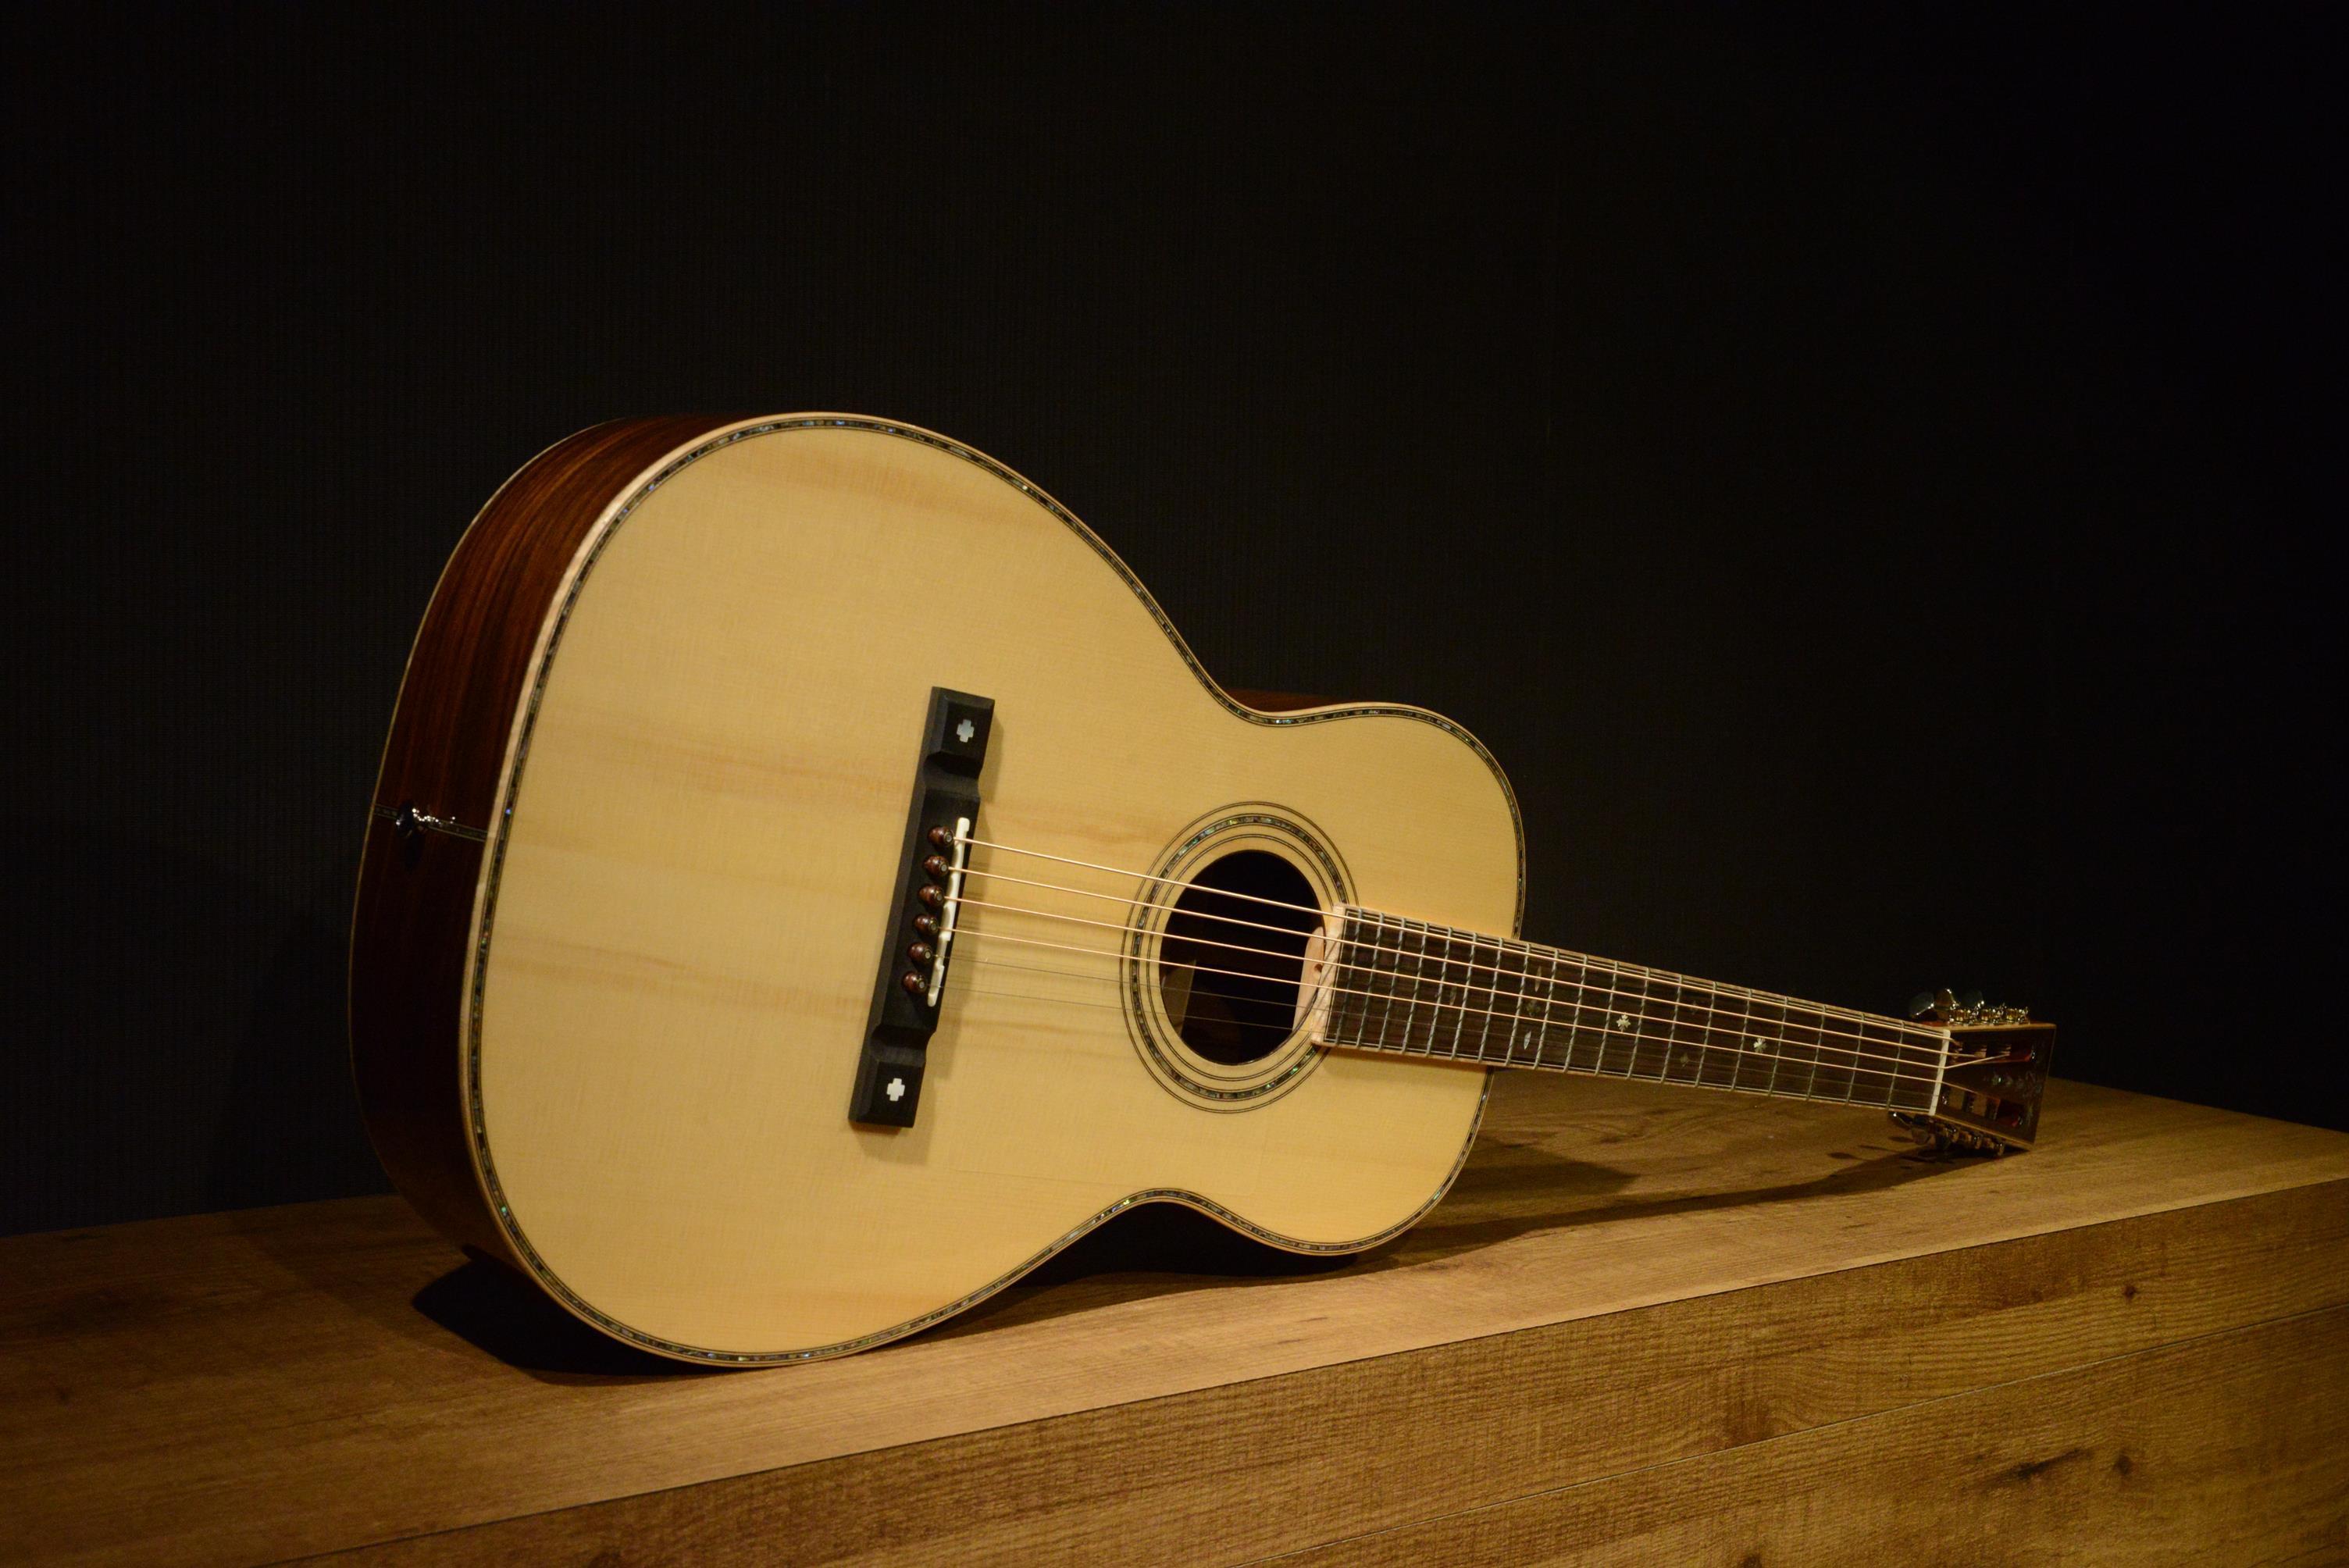 """【期間限定特価】シンガポール発ハイエンドギターブランド """"Maestro Guitars"""" 日本先行販売キャンペーン"""